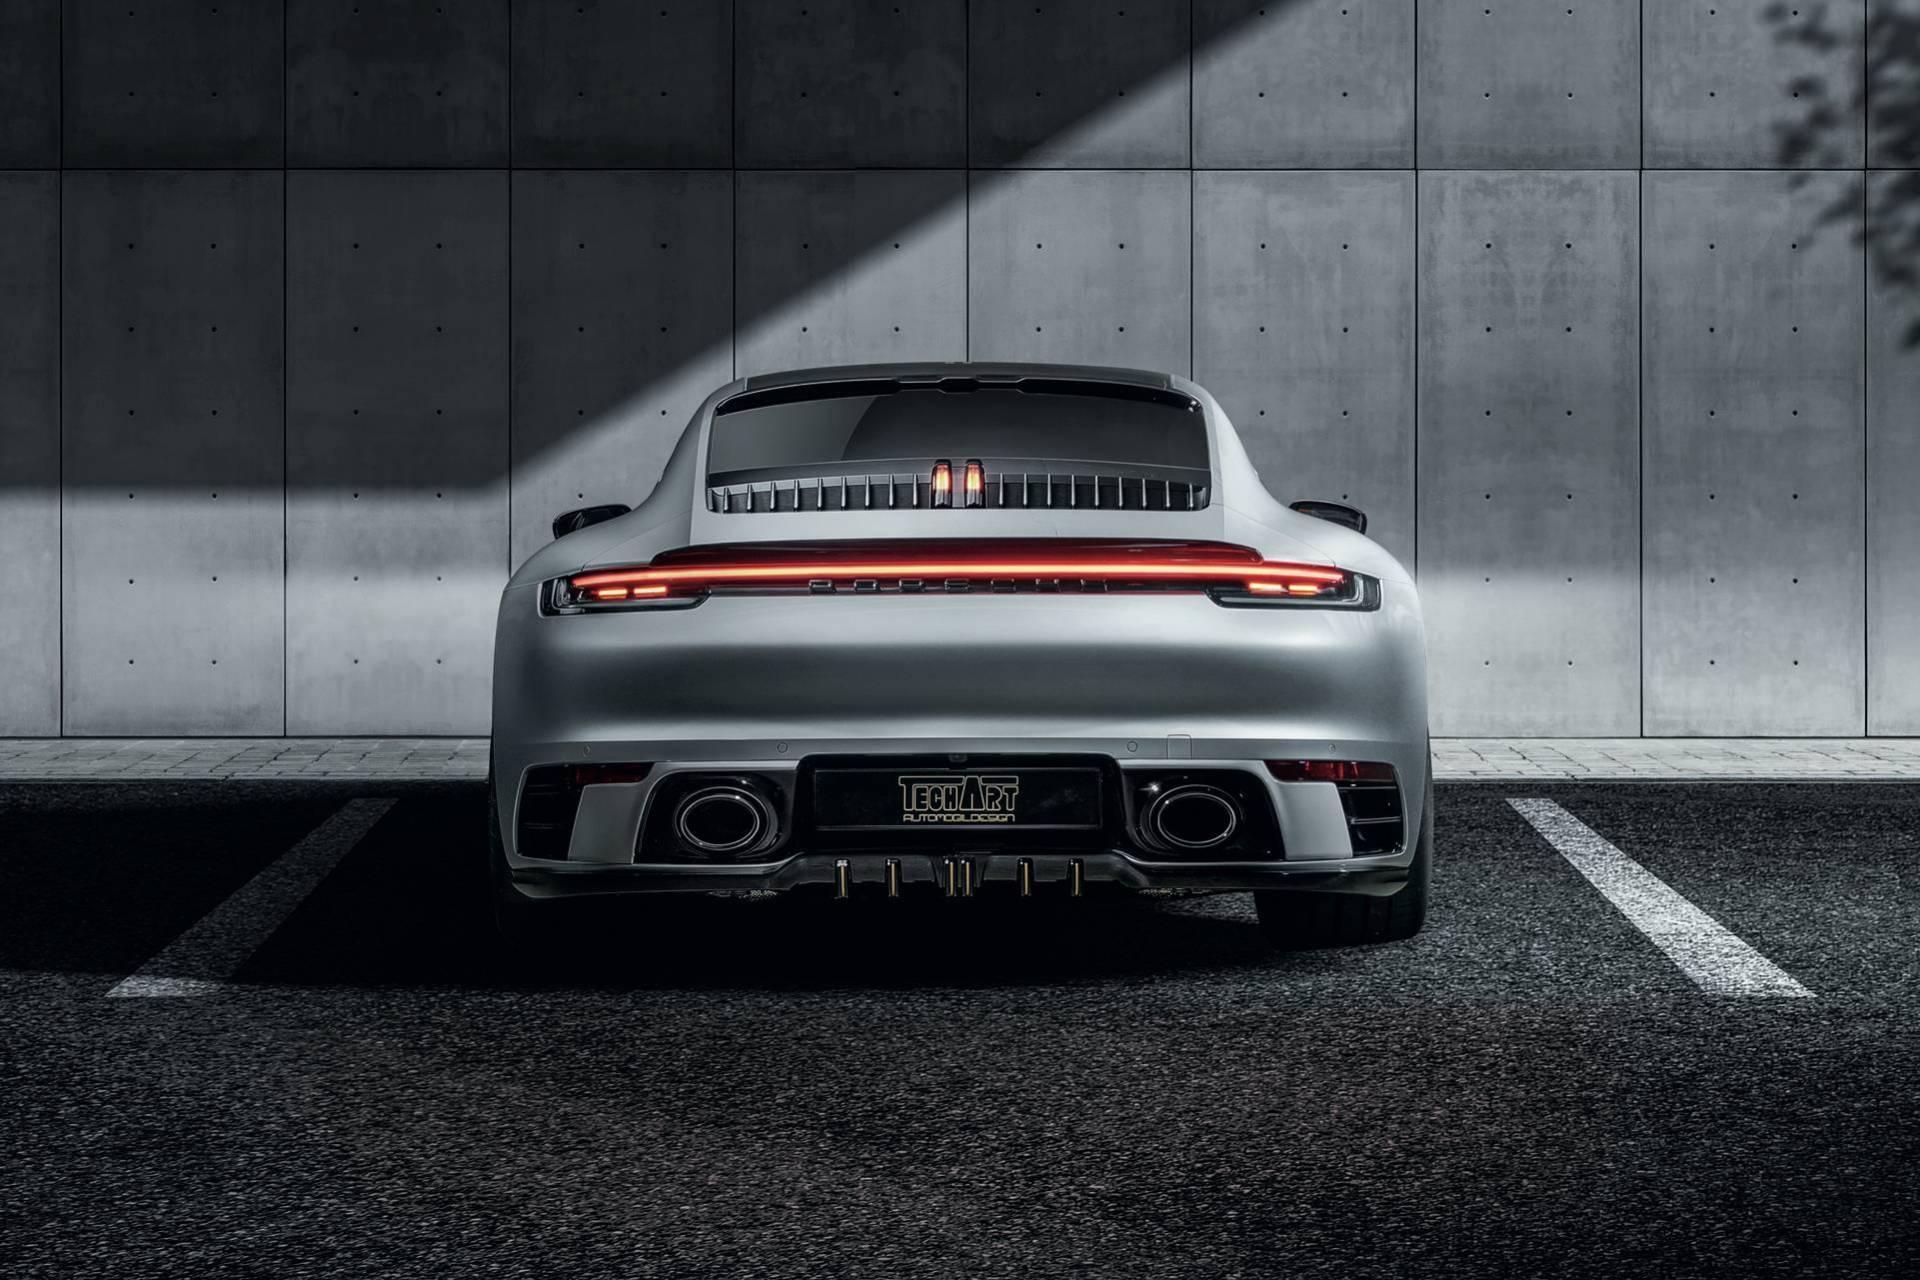 Porsche 911 2020 lot xac voi goi do thu cong hinh anh 6